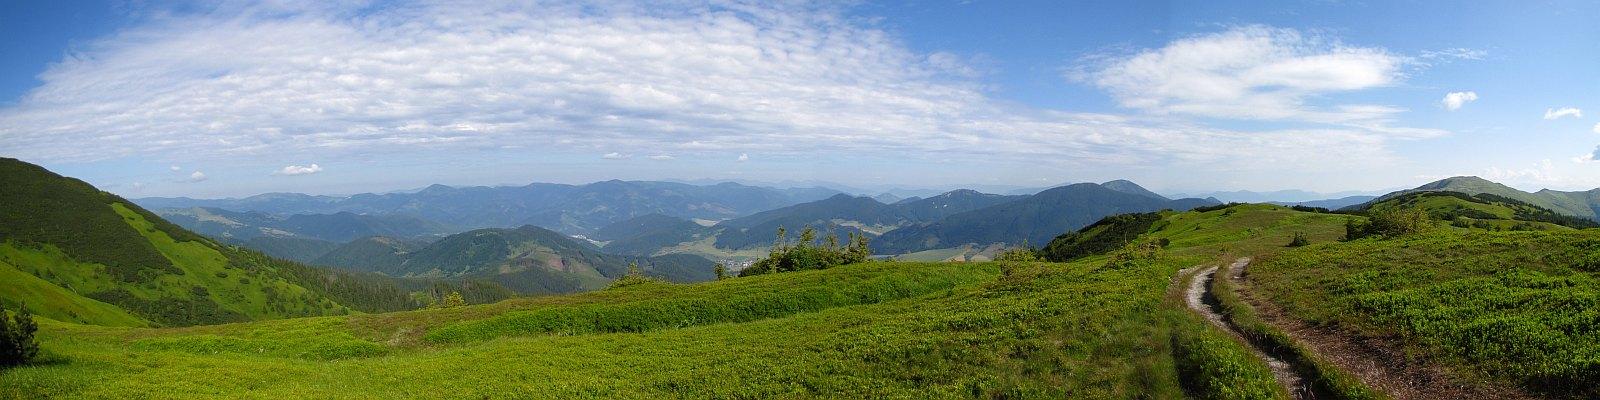 Północno-zachodnia panorama z podejścia na Košarisko.